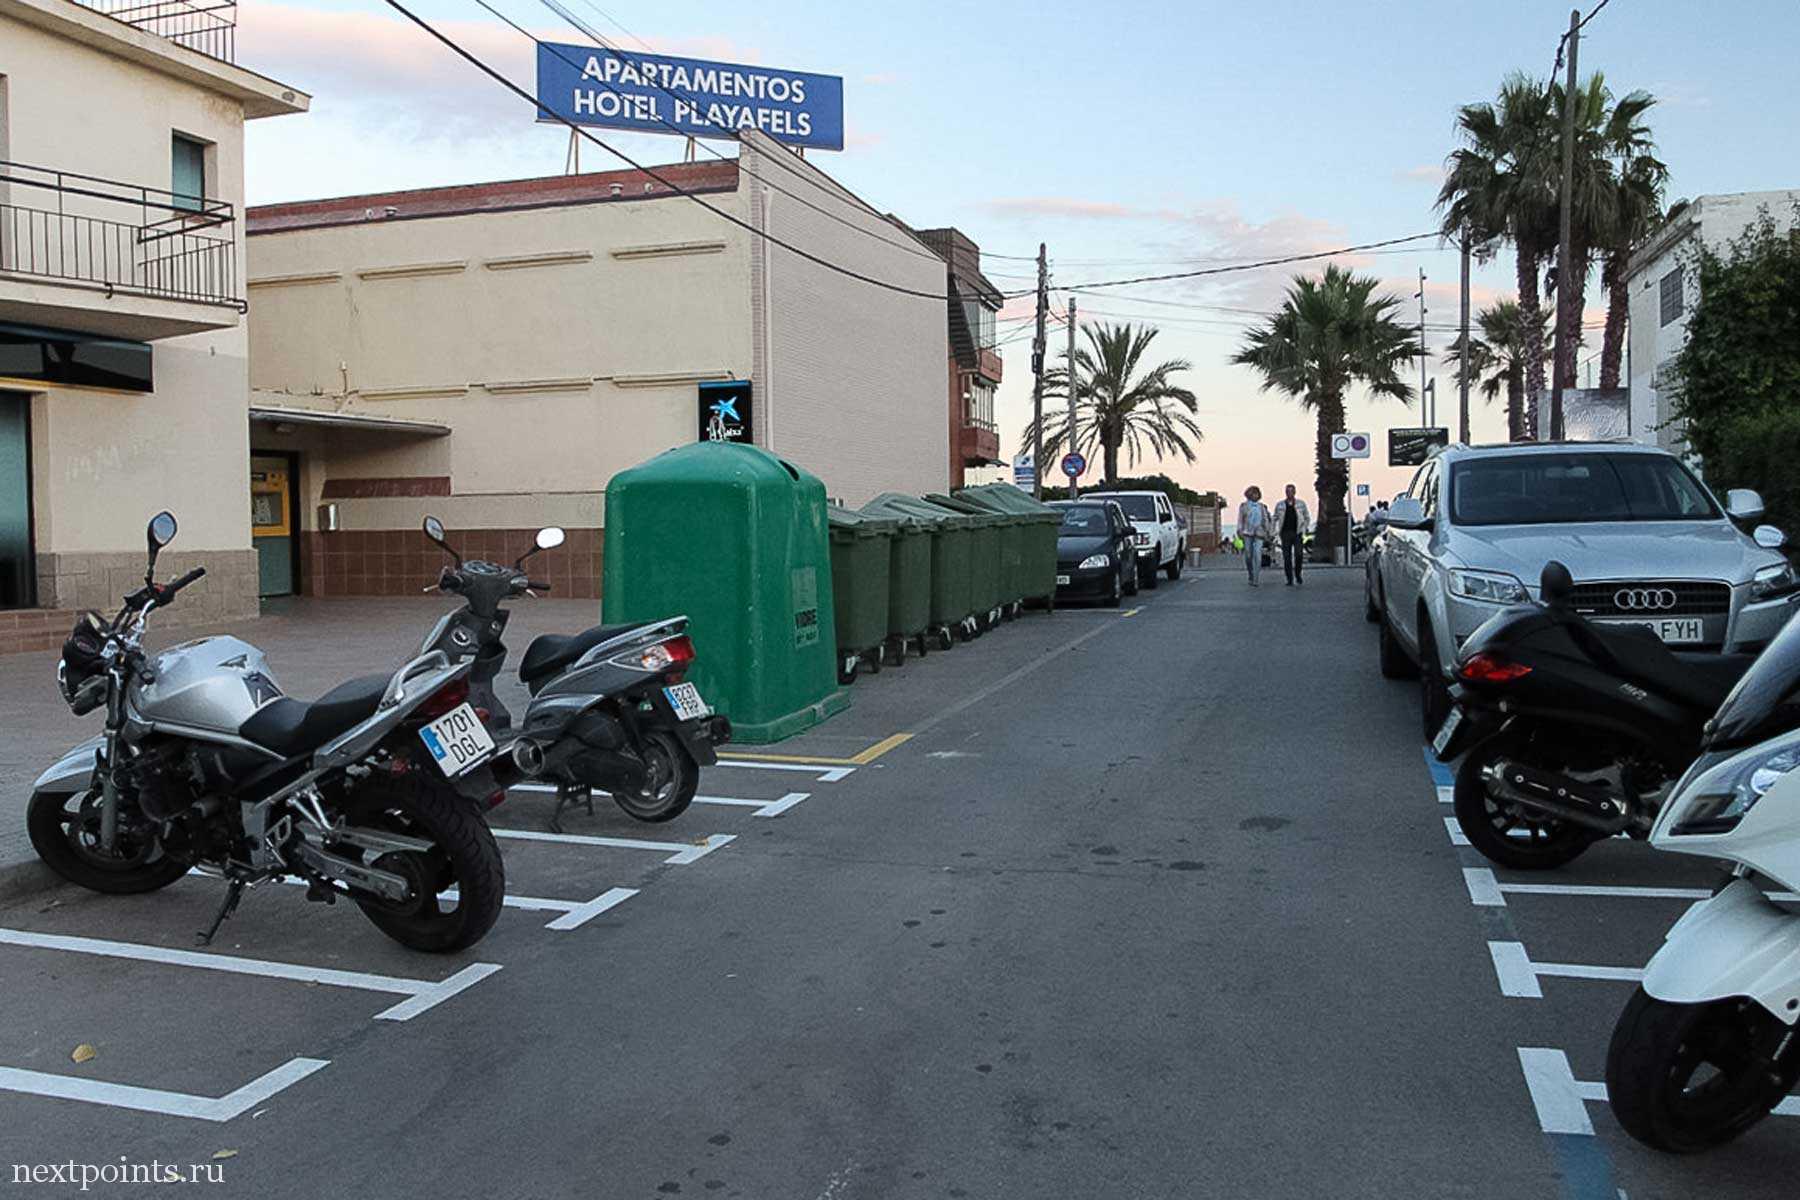 Городские мусорные баки постепенно меняют на современные. На о. Менорка они все разноцветные, стоящие рядом. Баки будущего :)